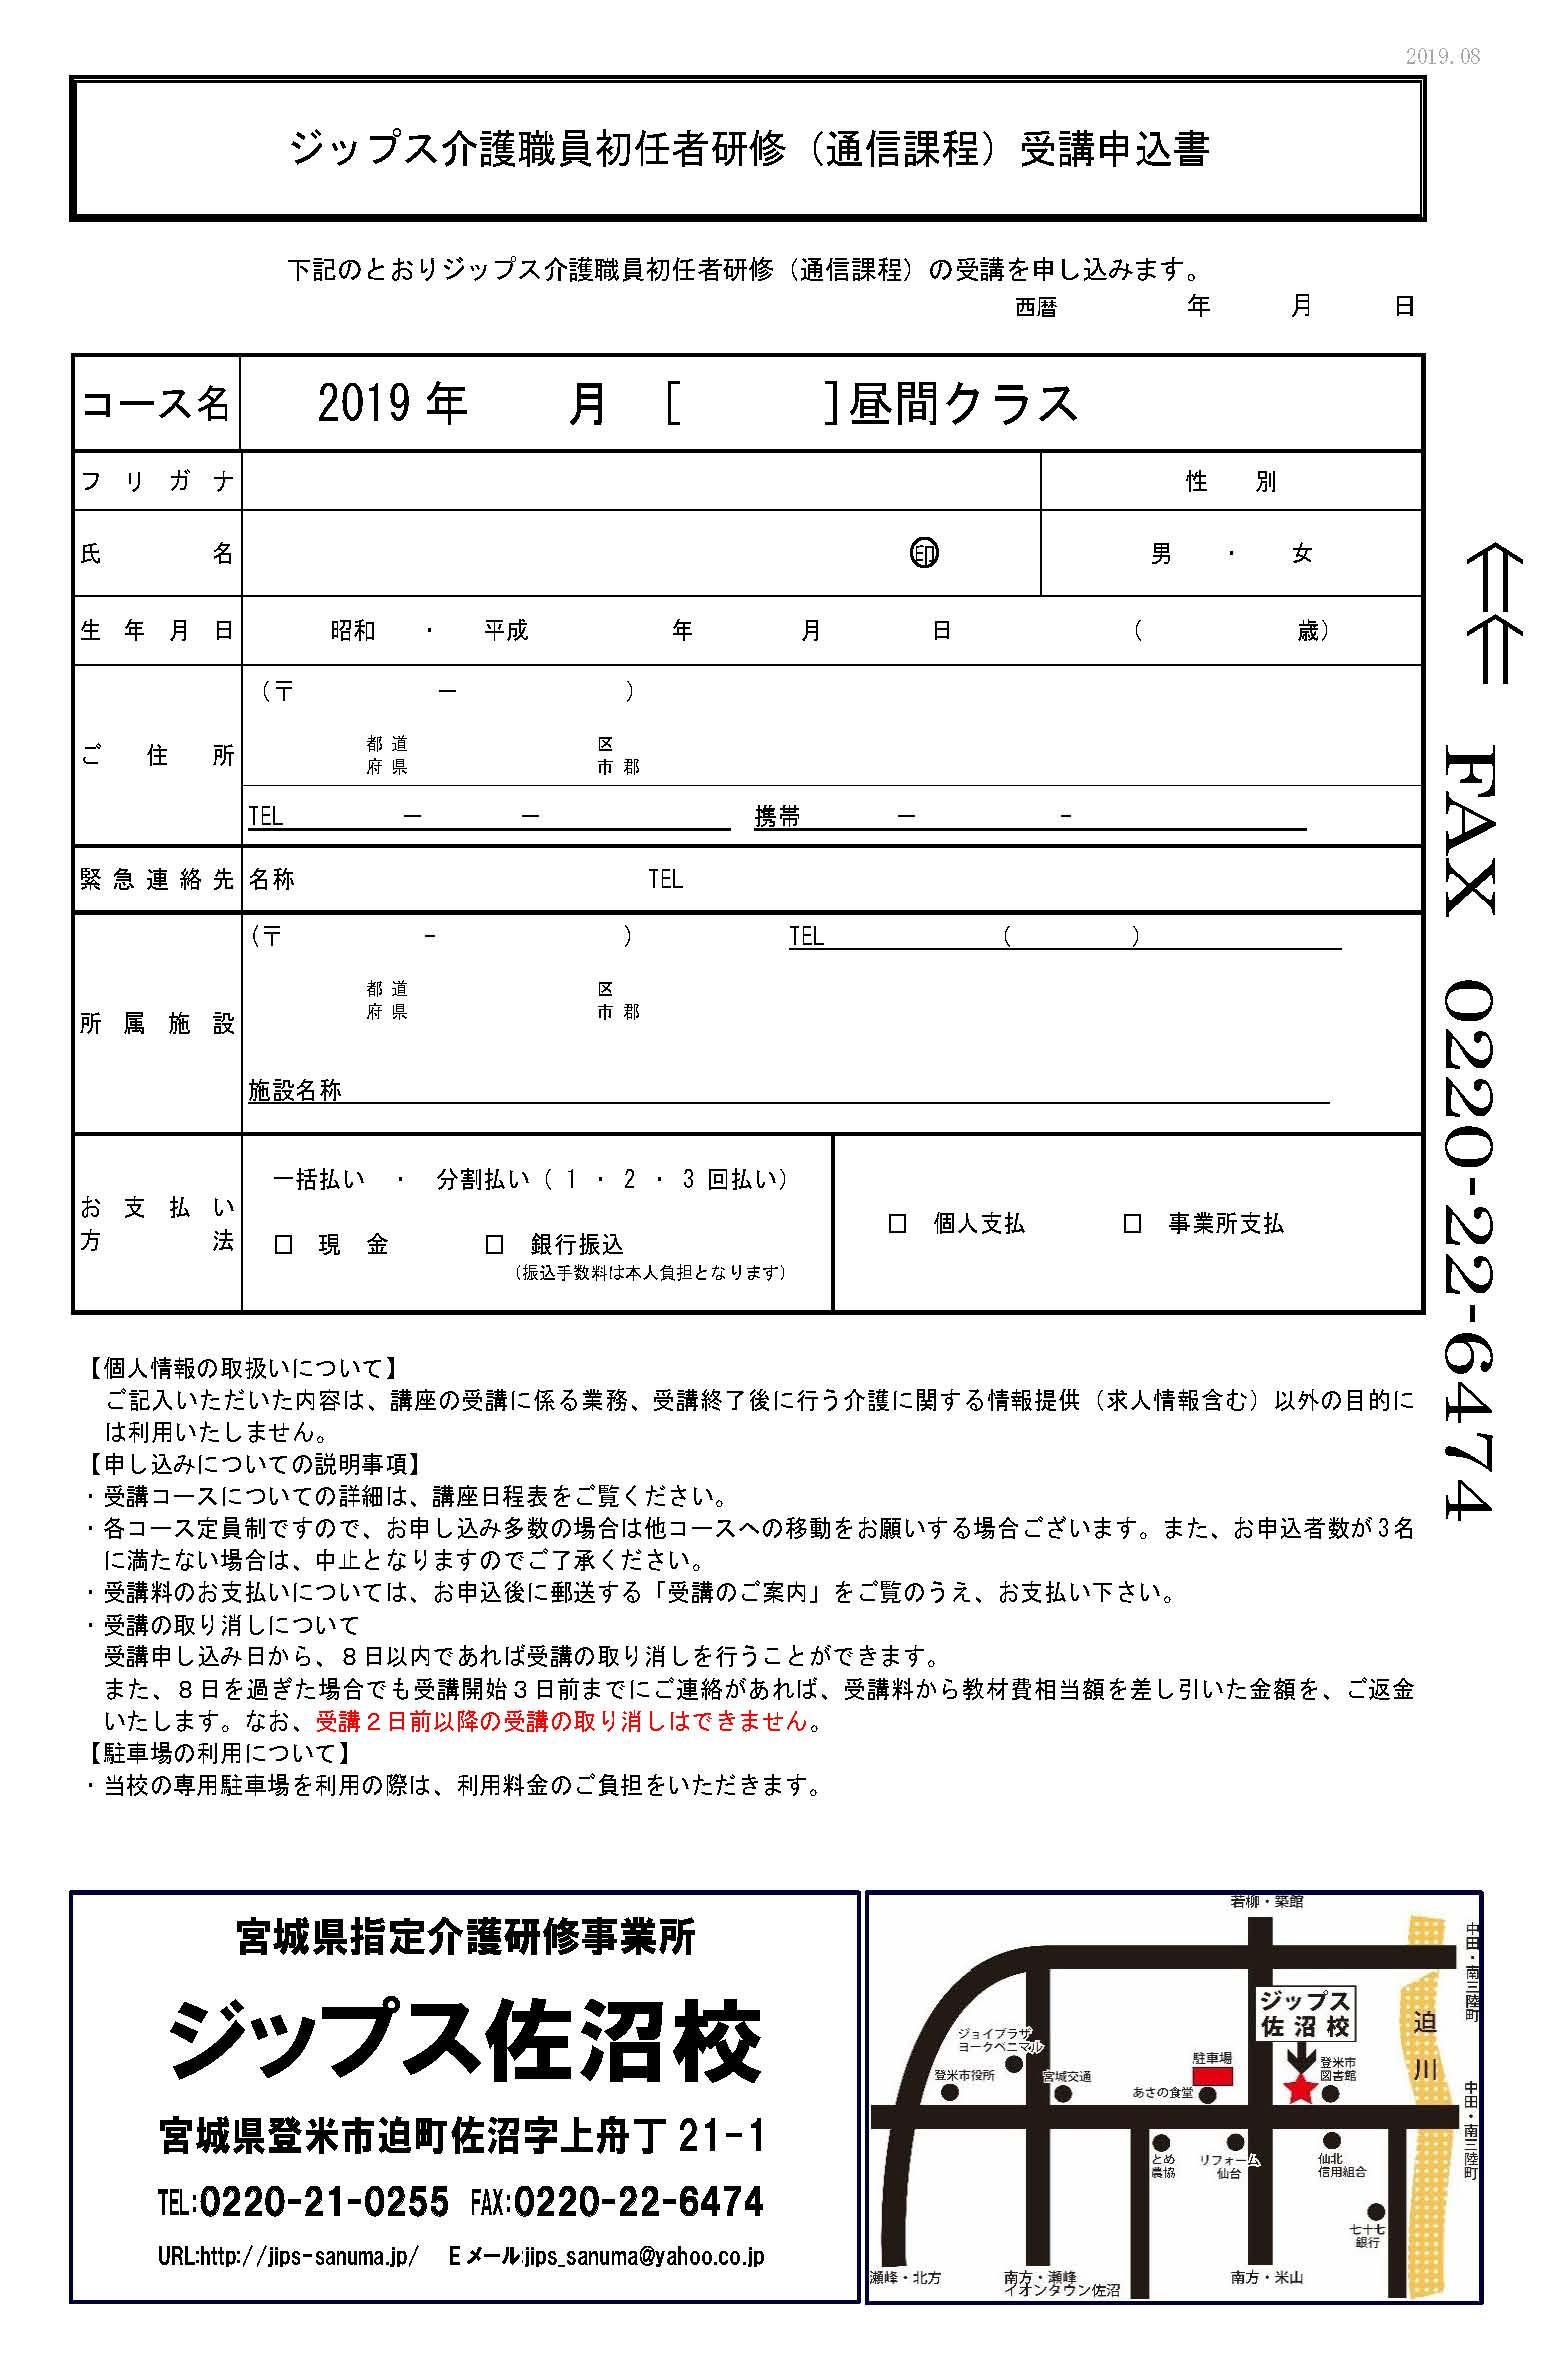 初任者研修募集チラシ2019年8月-9月_ページ_2